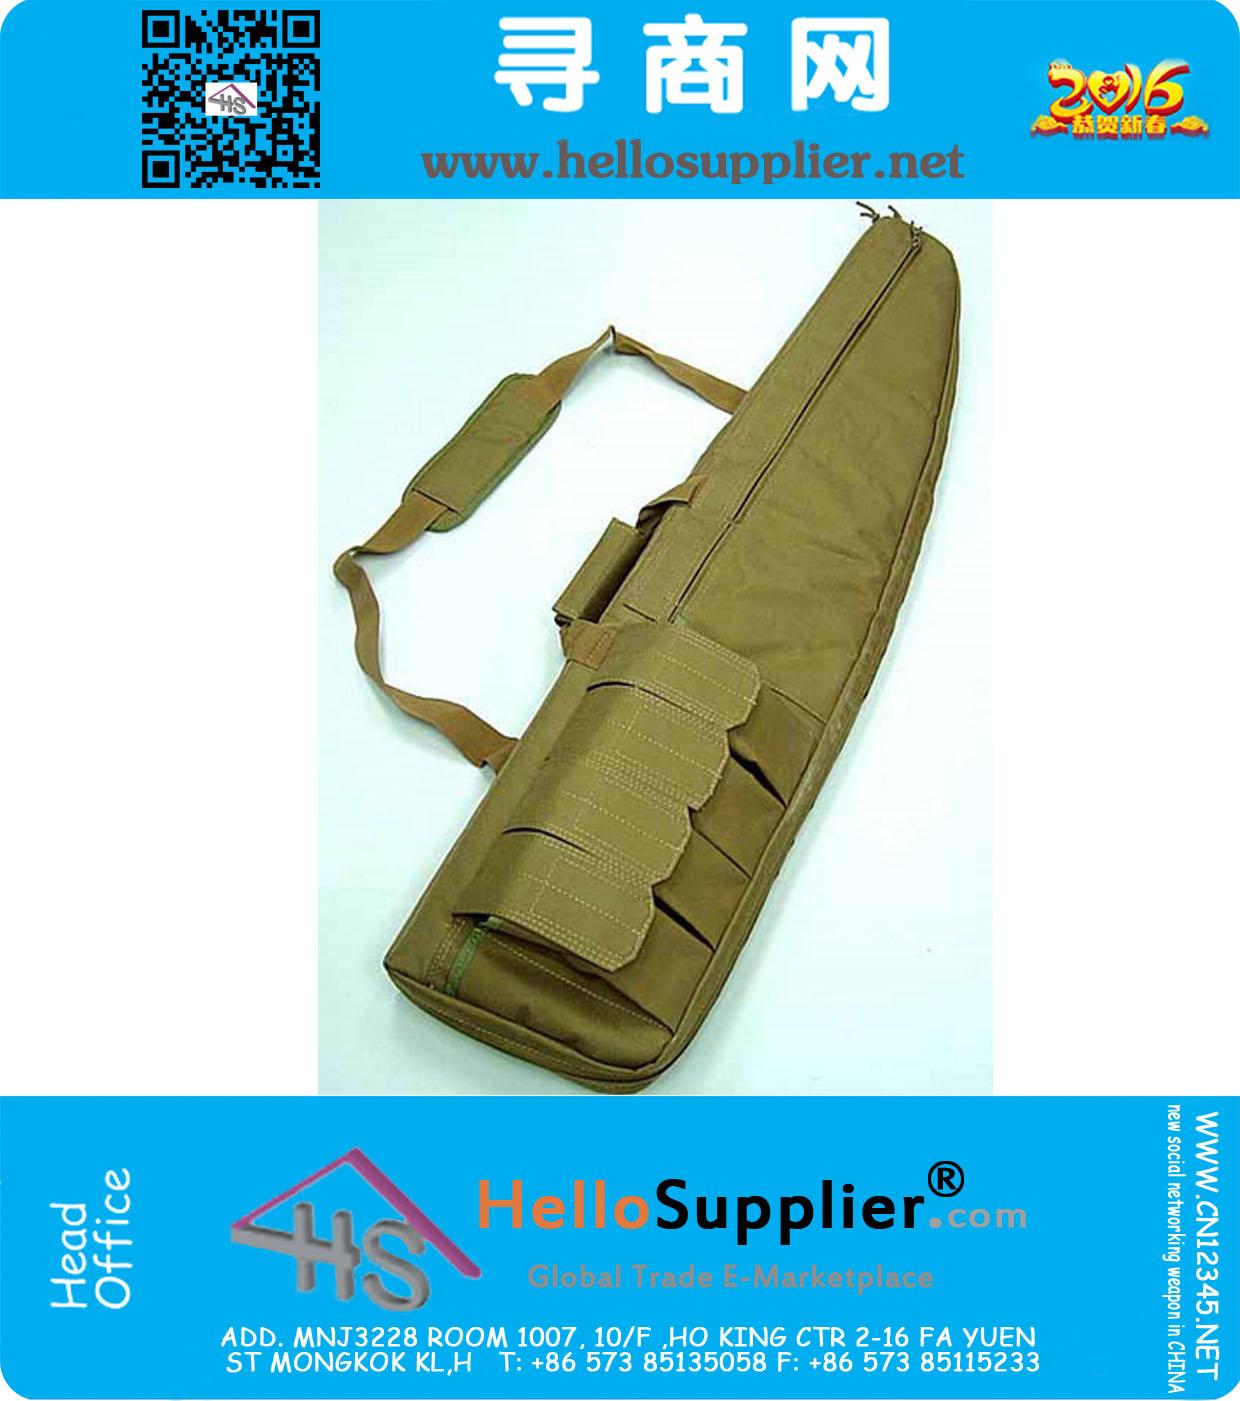 cbf6b9170f57f التكتيكية العسكرية بندقية حقيبة بندقية حالة الادسنس بندقية حالة الألوان الصيد  الرماية بندقية بندقية حقيبة حقيبة بندقية كاربين